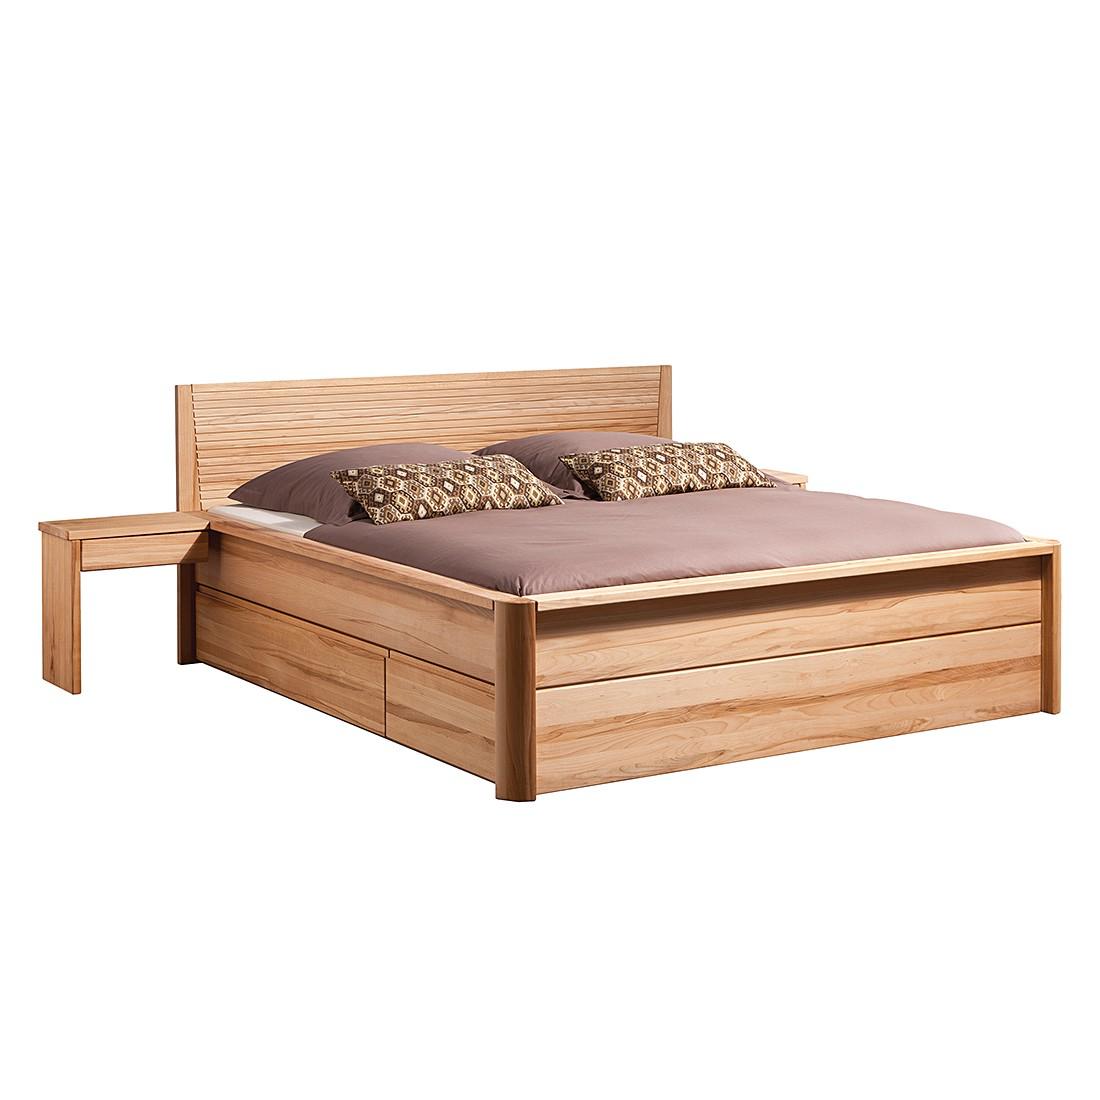 Massivholzbett Vario VIII – Kenbuche massiv – gewachst & geölt – 120 x 200cm – 1 Nachttisch – Kein Bettkasten, JABO günstig bestellen